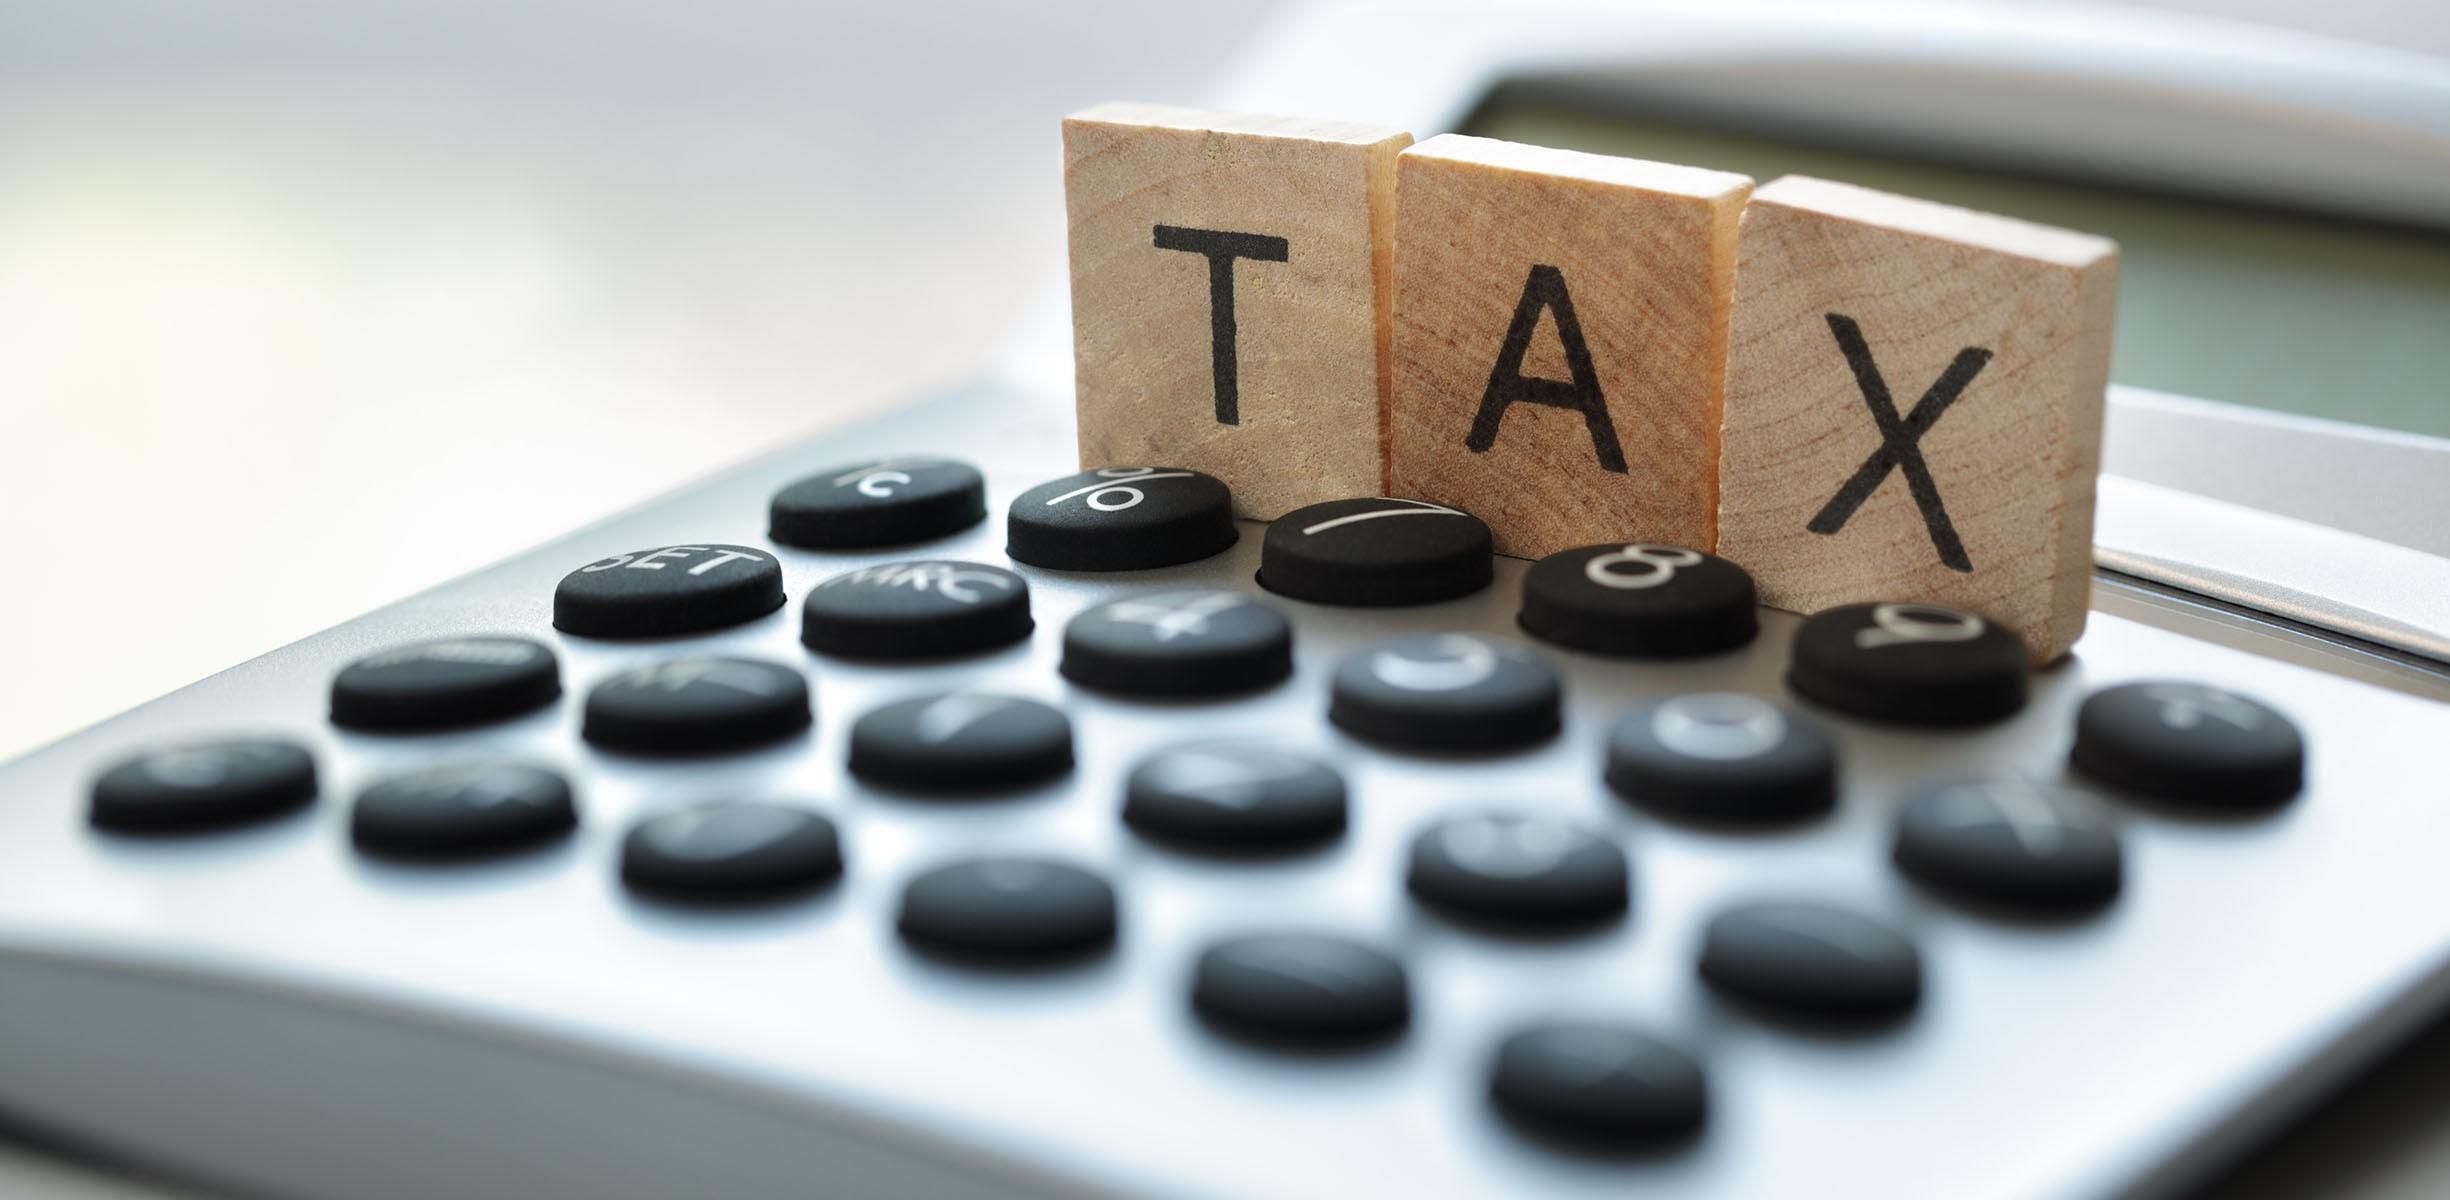 Persoanele care practică activități ce constituie monopol de stat vor fi scutite de taxa pentru unitățile comerciale şi de prestări servicii